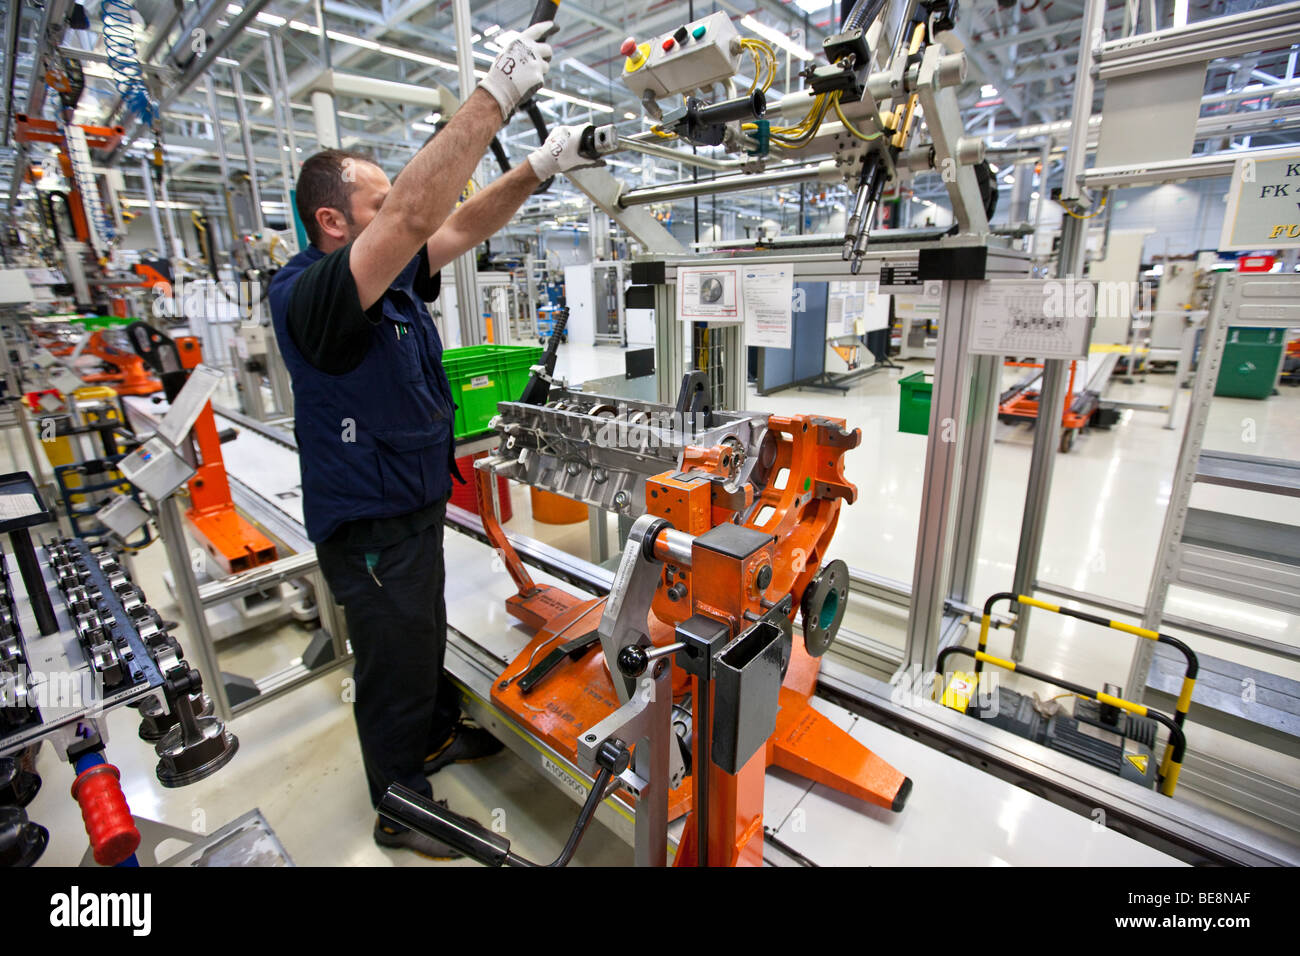 Production of Aston Martin V12 motors, Aston Martin engine plant in Cologne, Rhineland-Palatinate, Germany, Europe - Stock Image